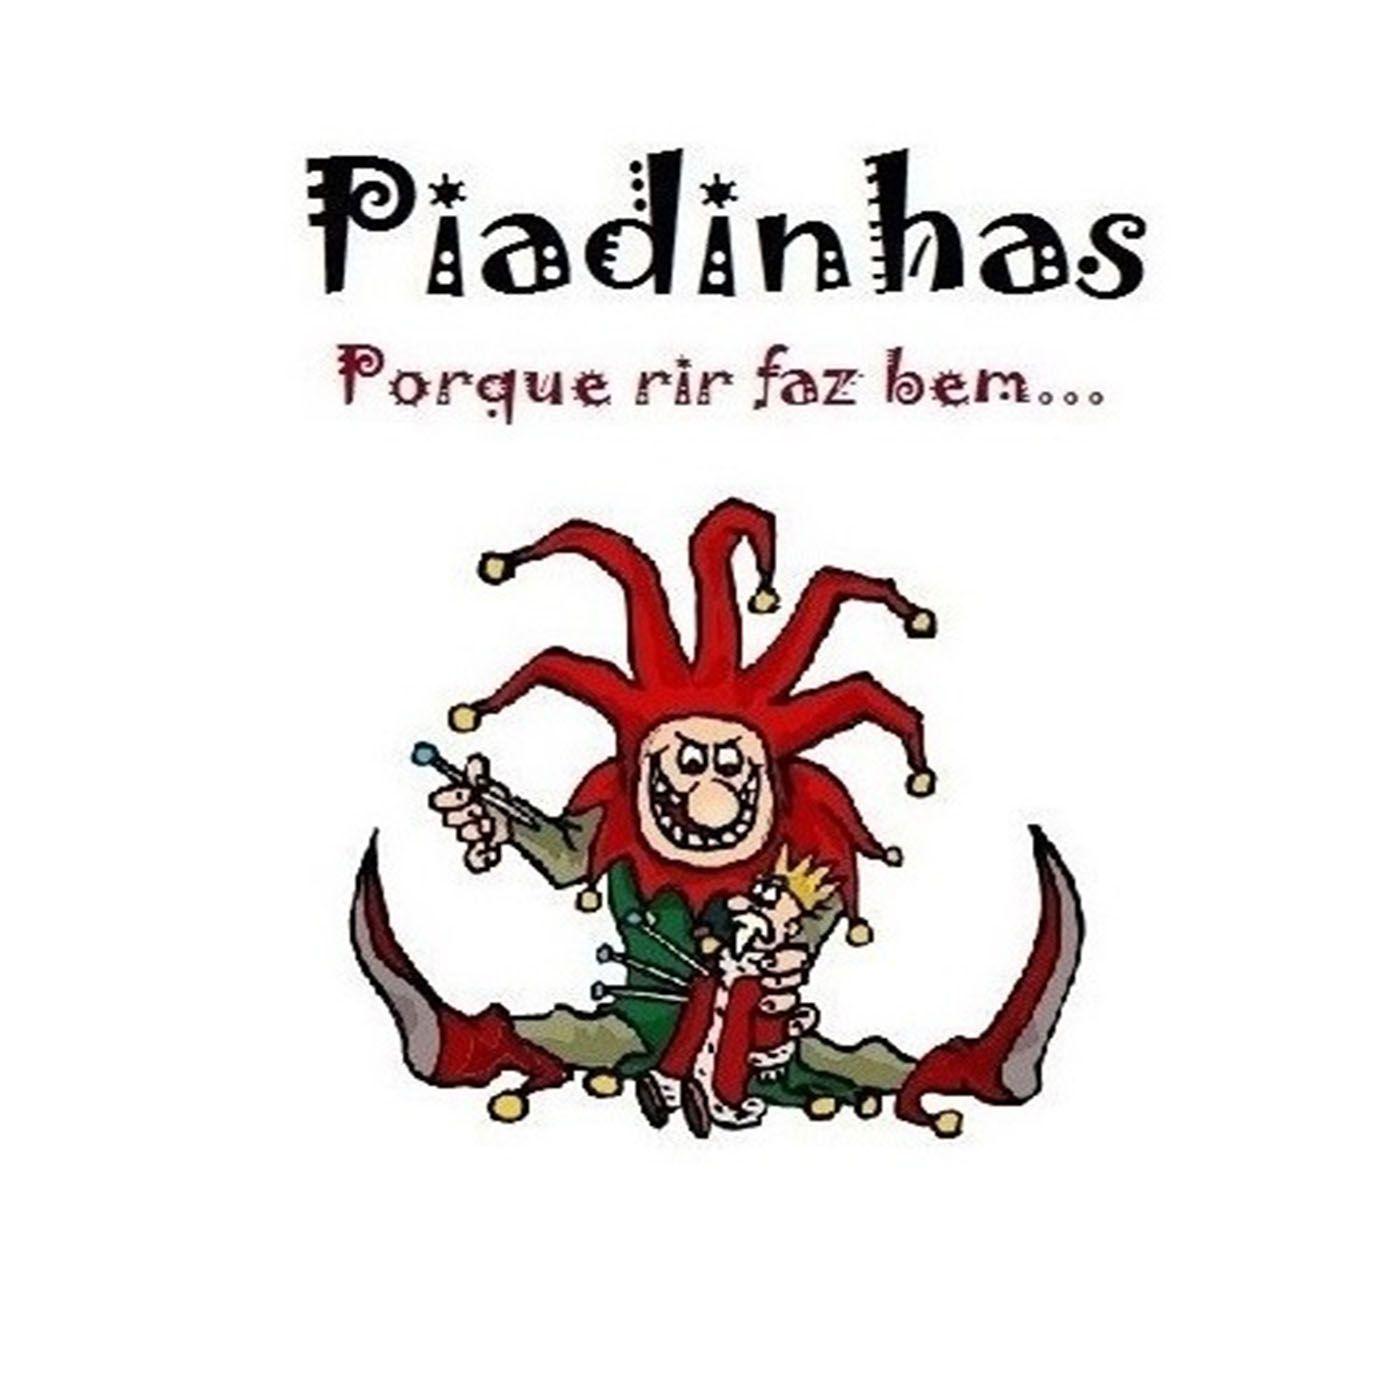 Piadinhas